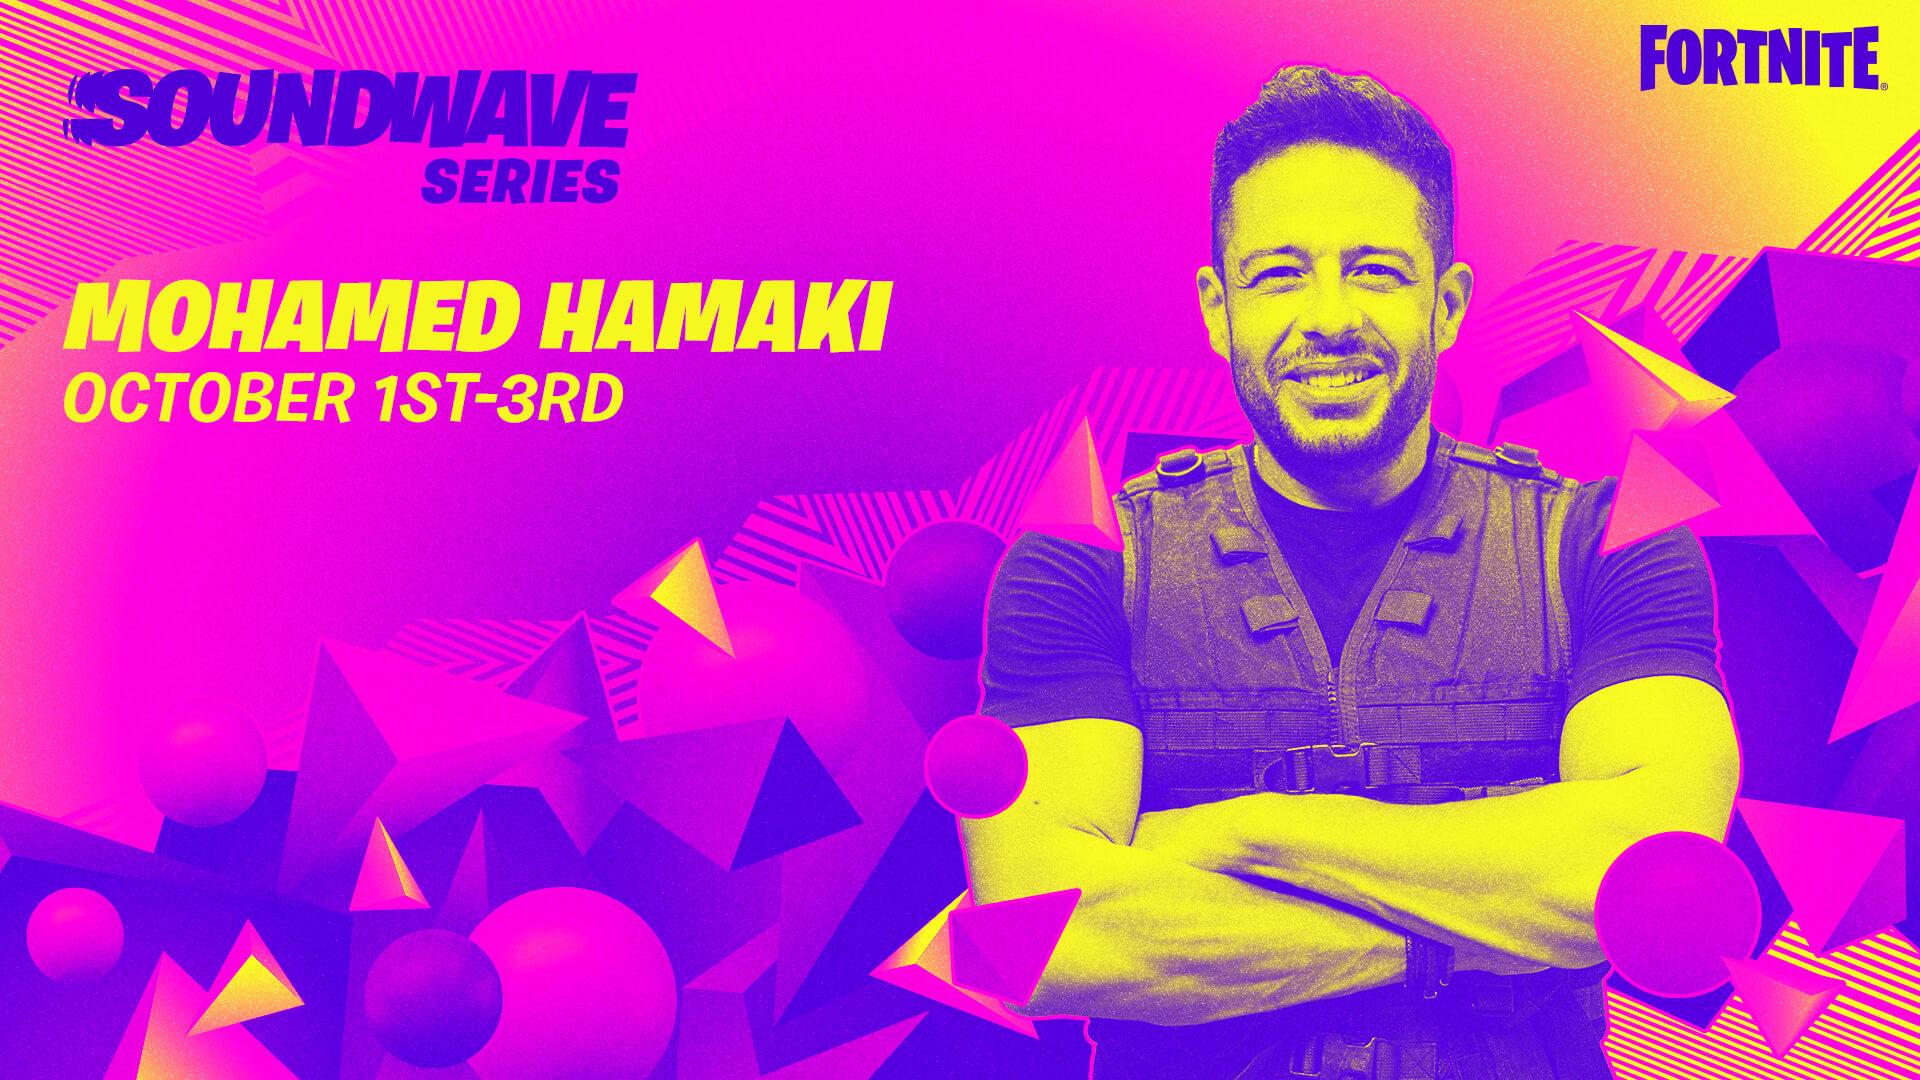 Fortnite Soundwave Series Mohamed Hamaki